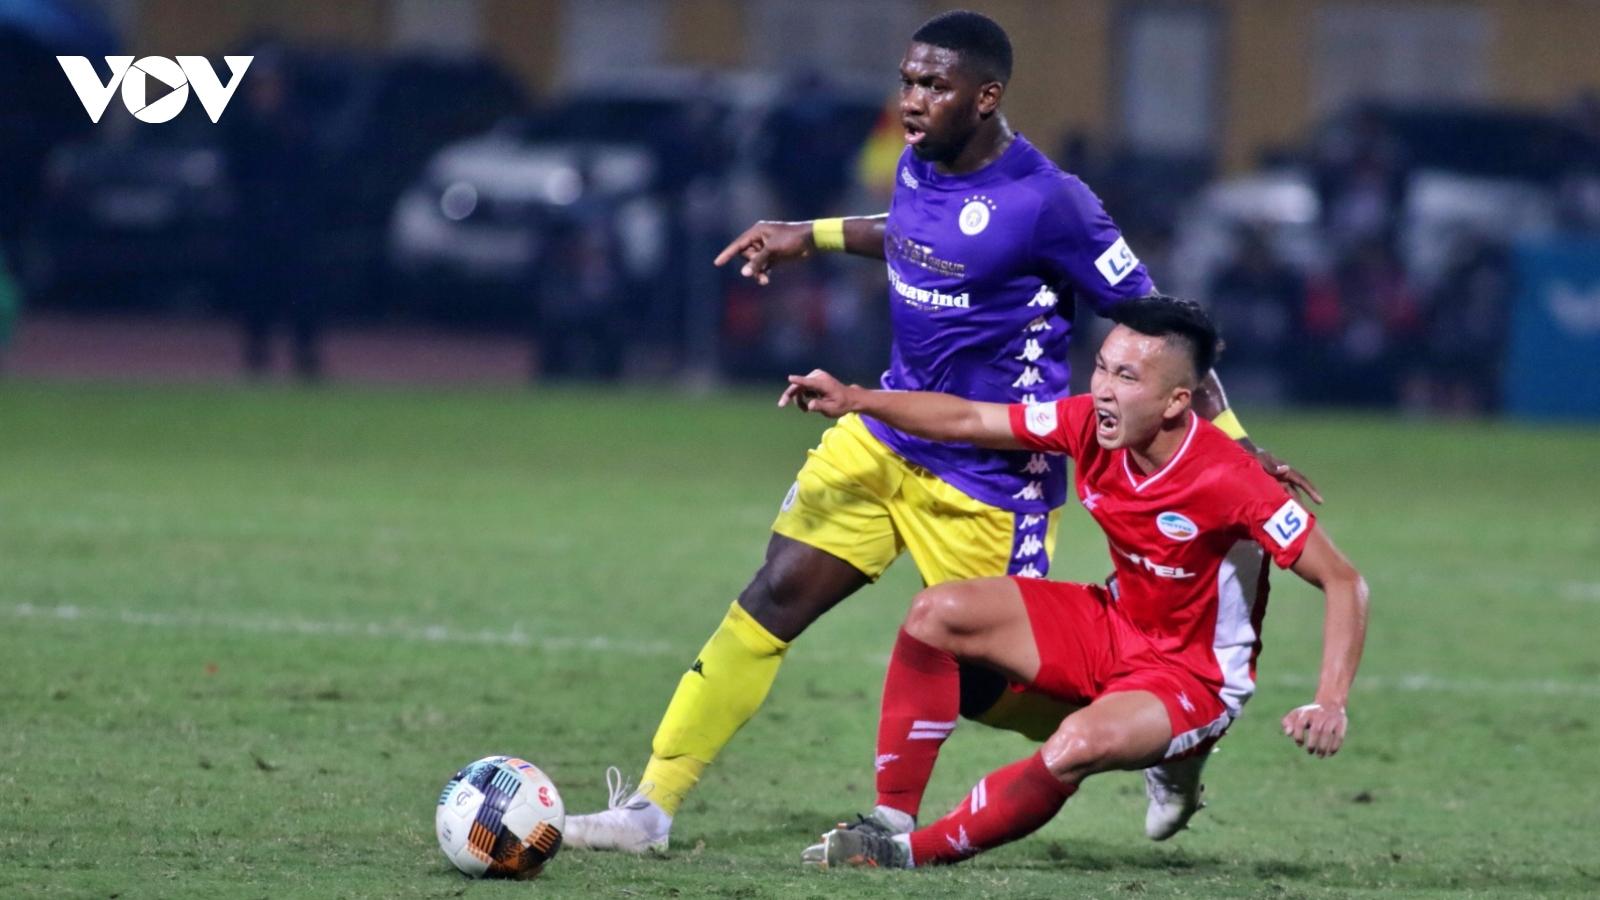 Hòa không bàn thắng trước Viettel, Hà Nội FC mất quyền tự quyết trong cuộc đua vô địch